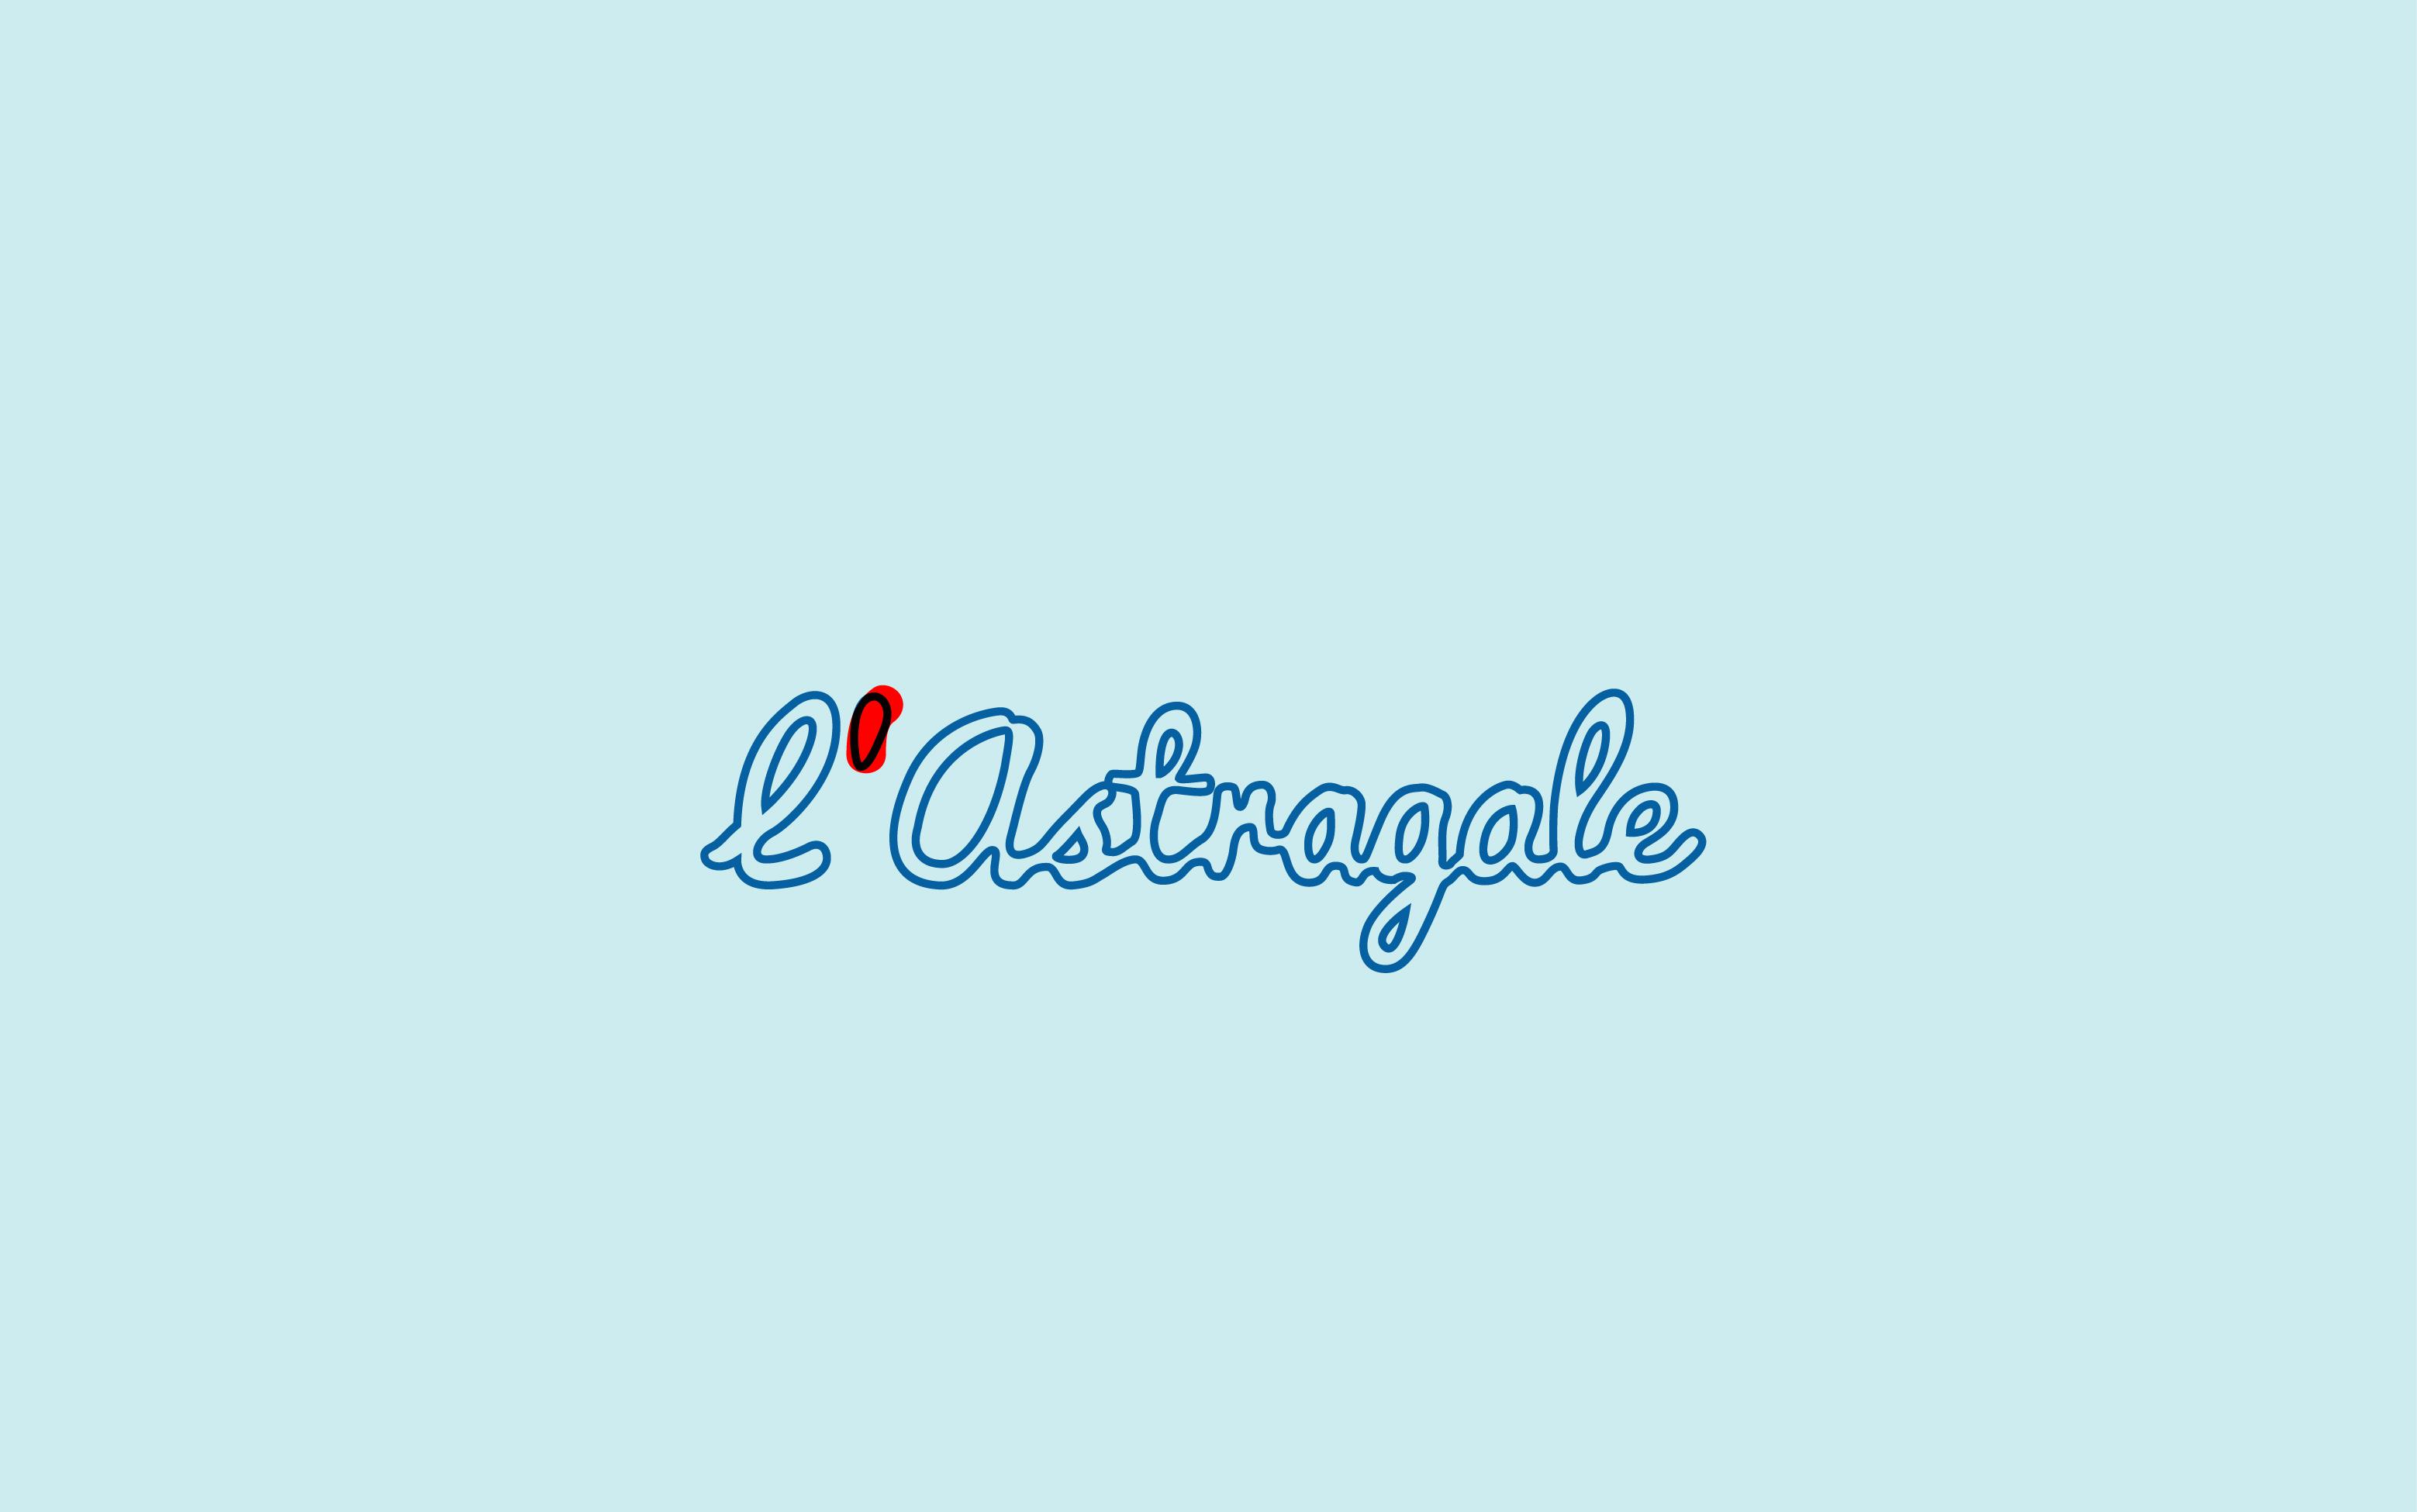 right LOGO-VARIANTE